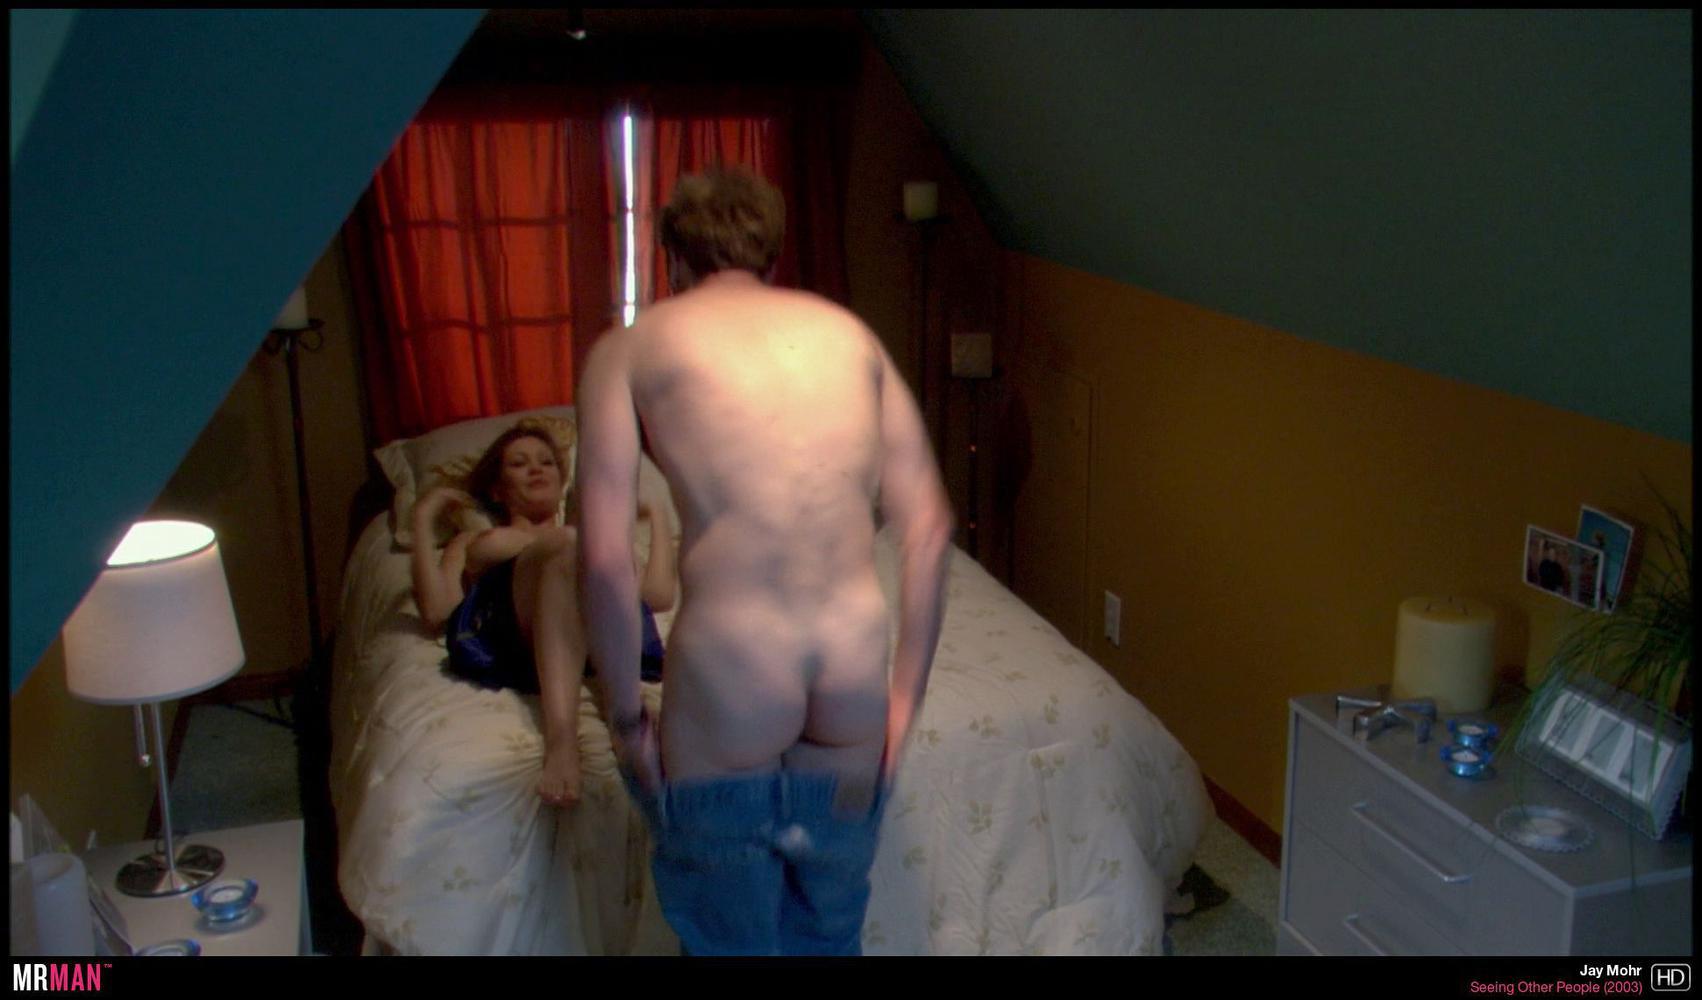 Jay mohr nude photos